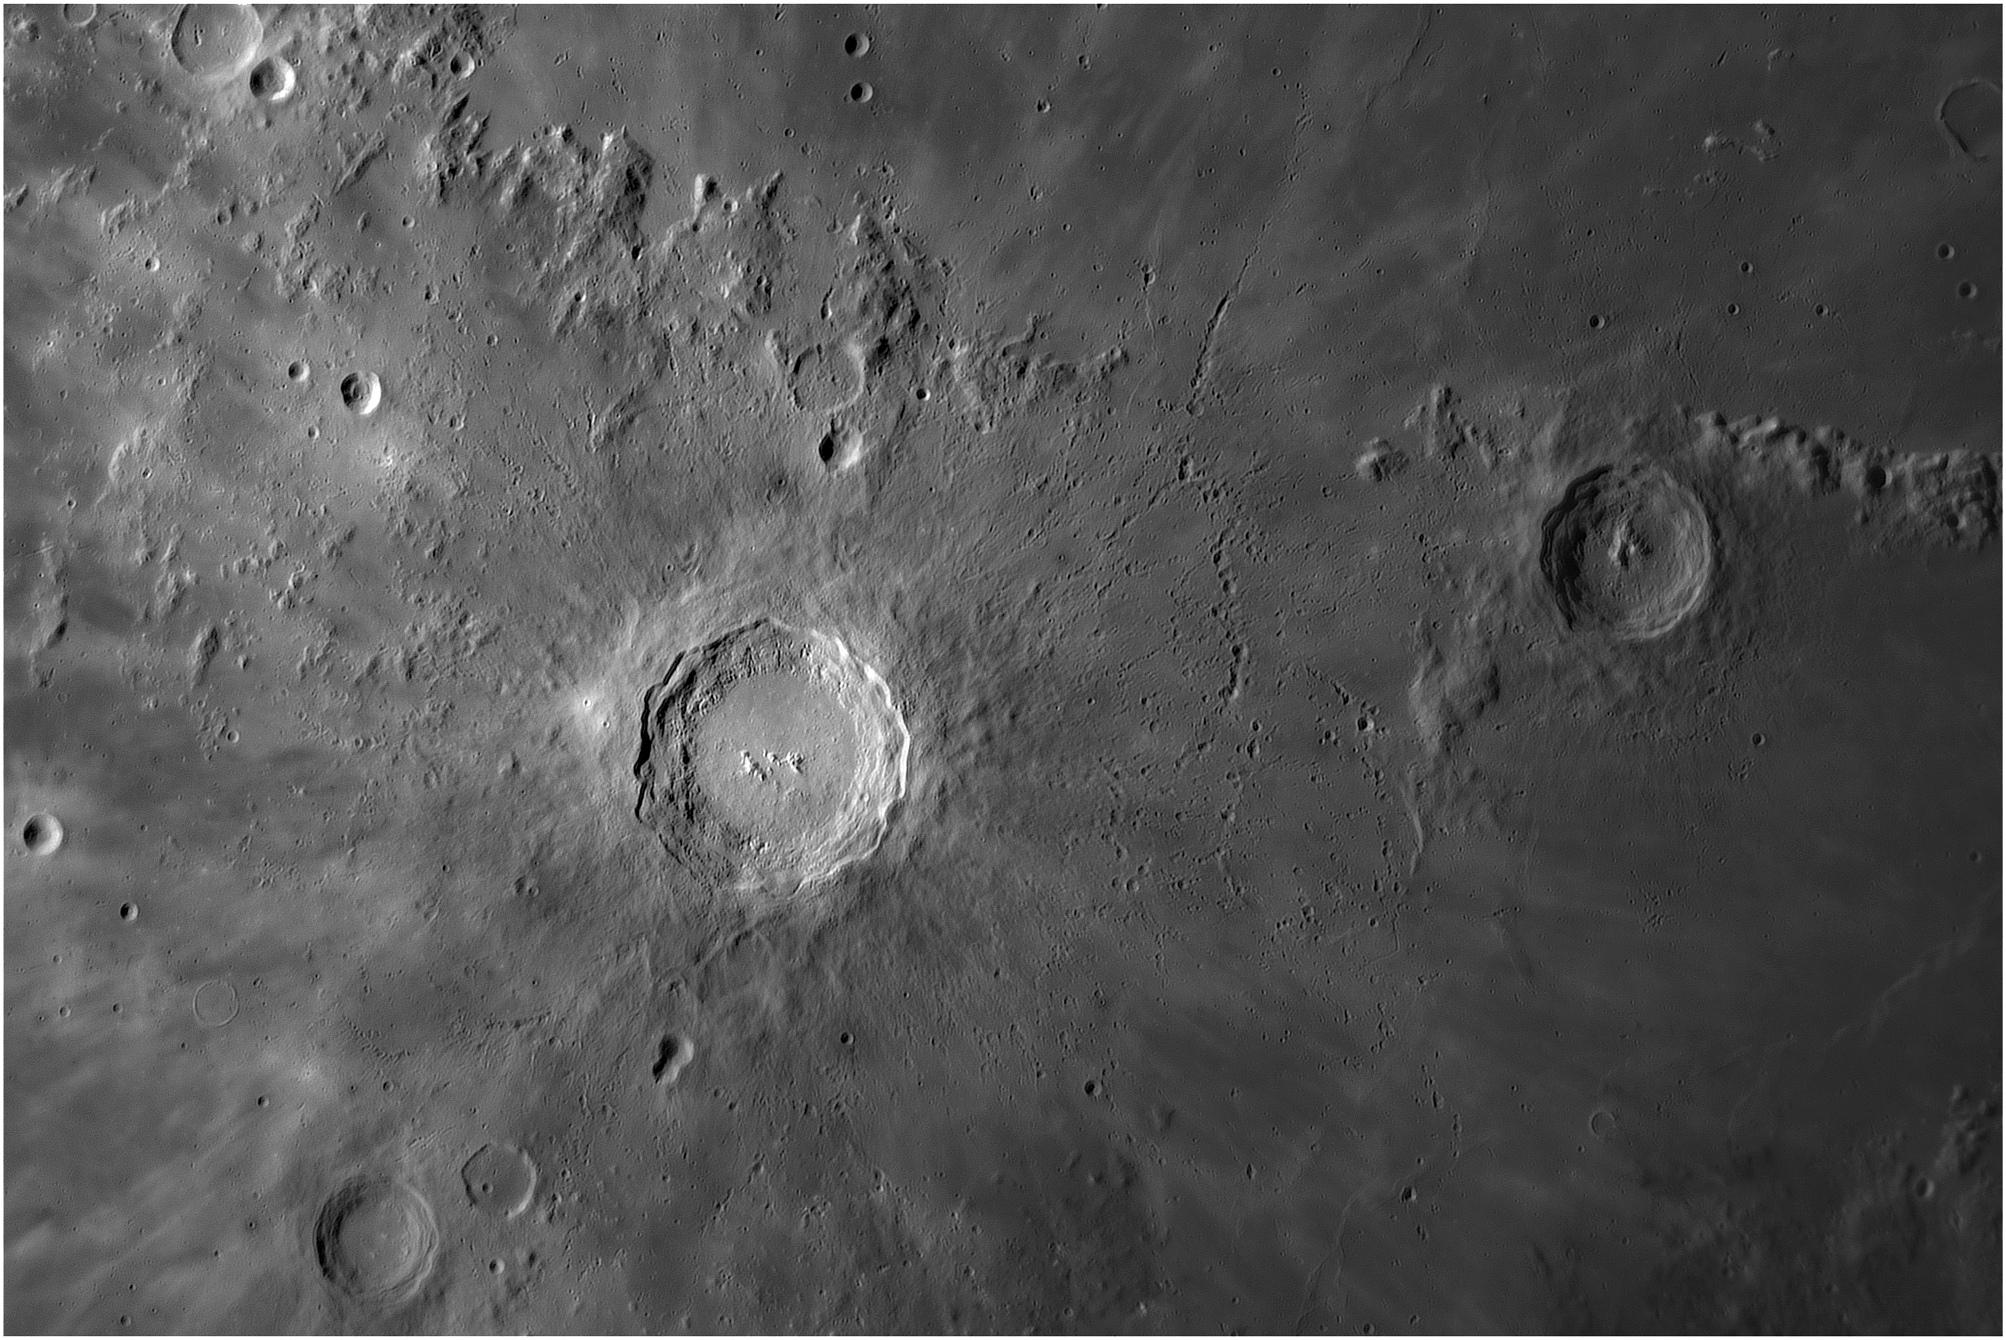 Copernic Eratosthène 66%